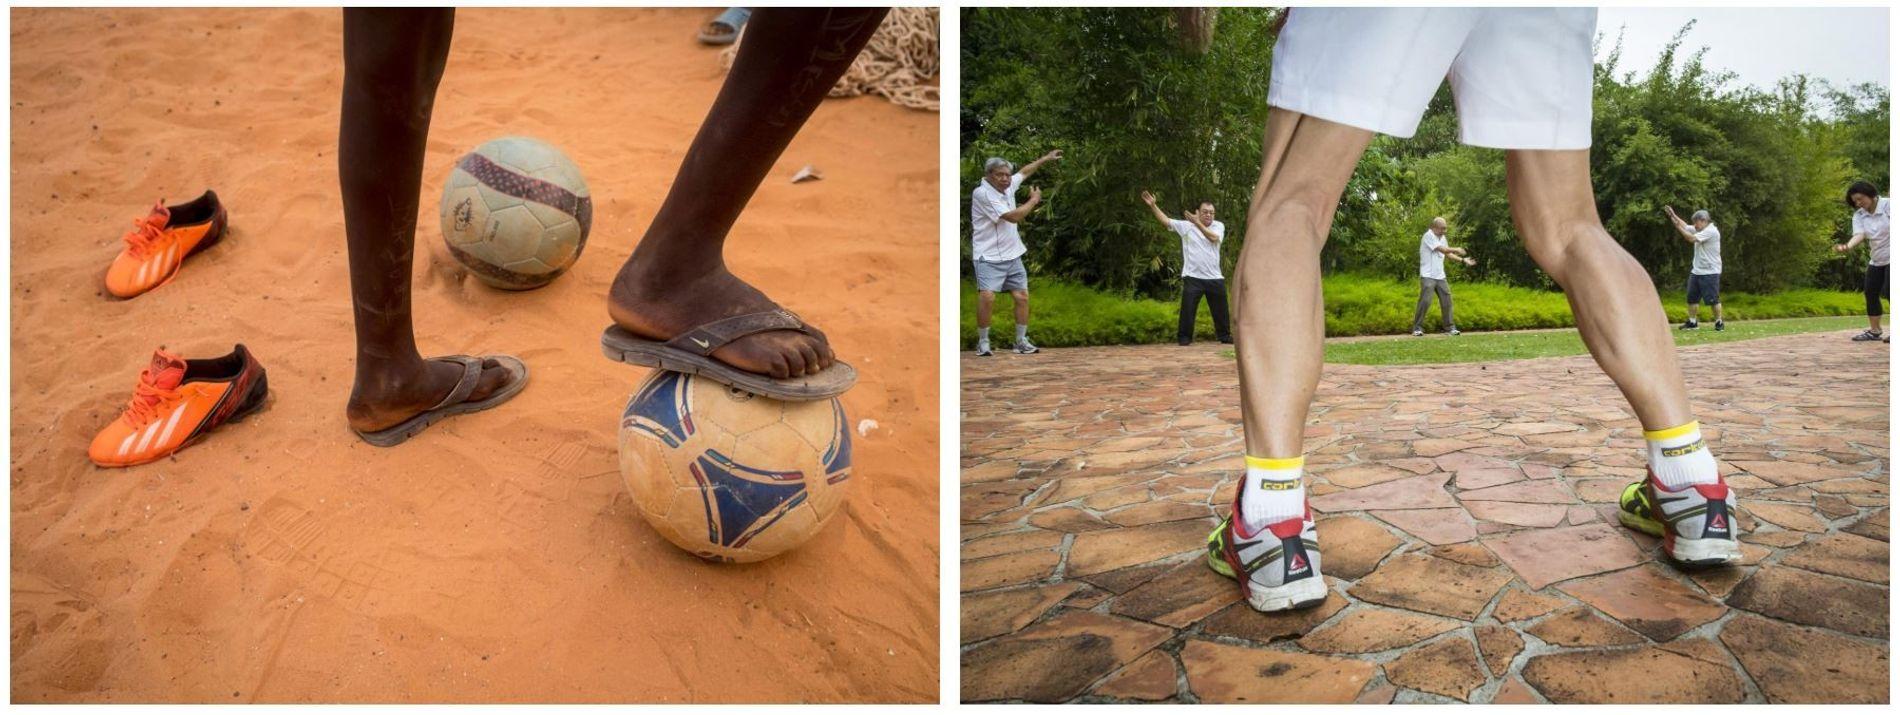 Esquerda: Uma sessão da fundação FutbolNet no Complexo Desportivo Centre Olympafrica Juan Antonio Samaranch, no Senegal. Direita: ...